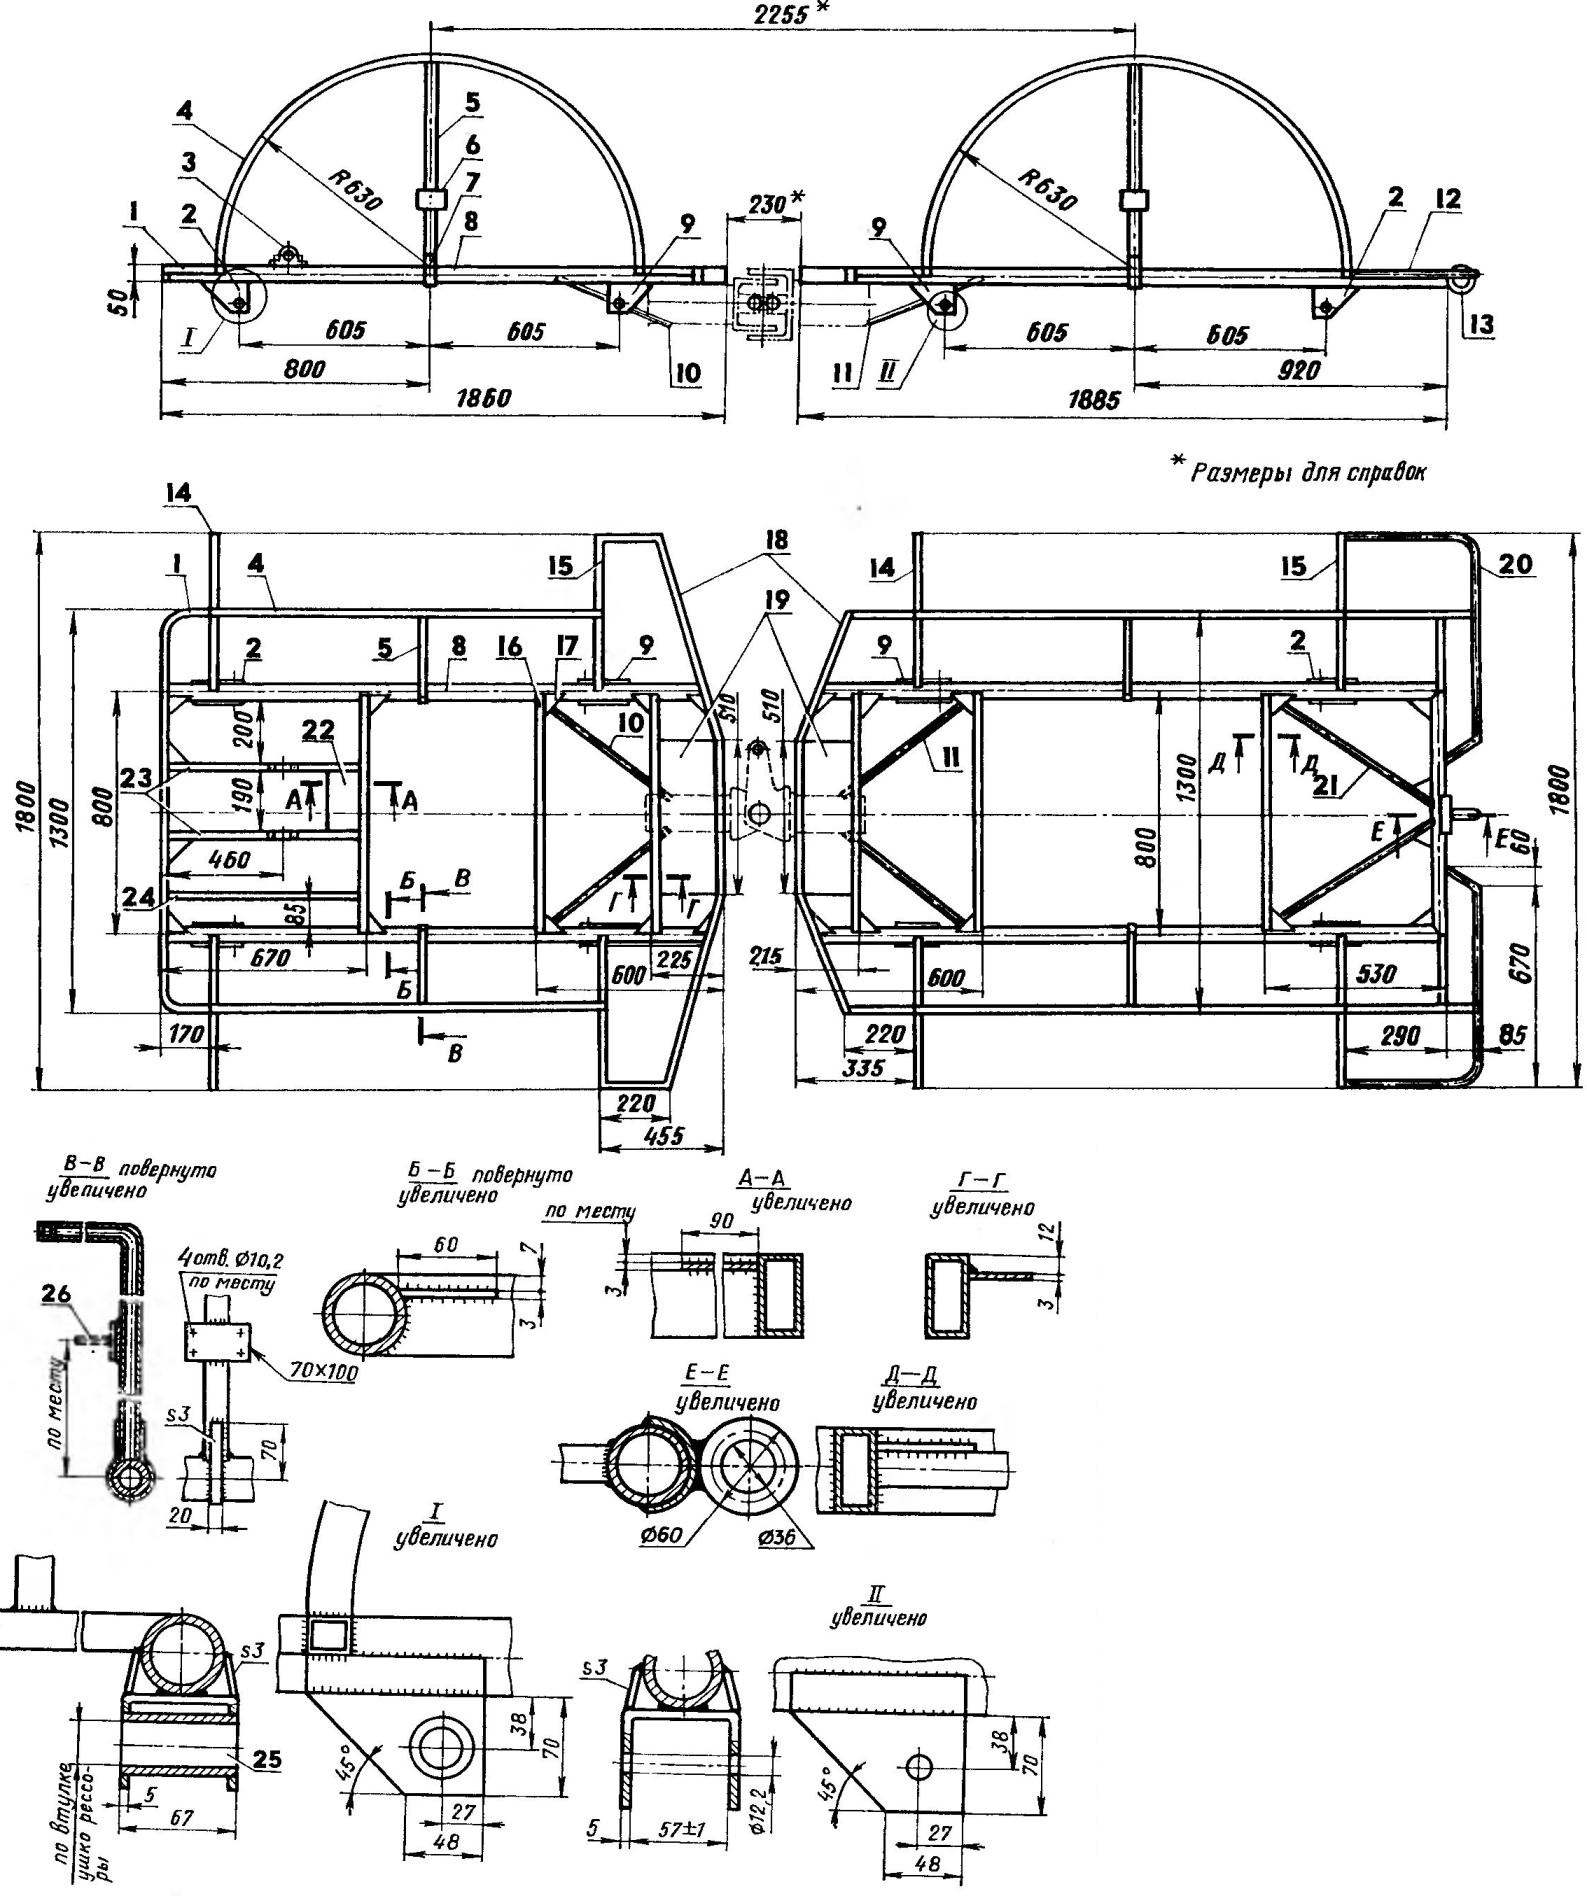 Вездеходы на шинах низкого давления: чертежи, болотоходы, выбор двигателя, самодельная рама